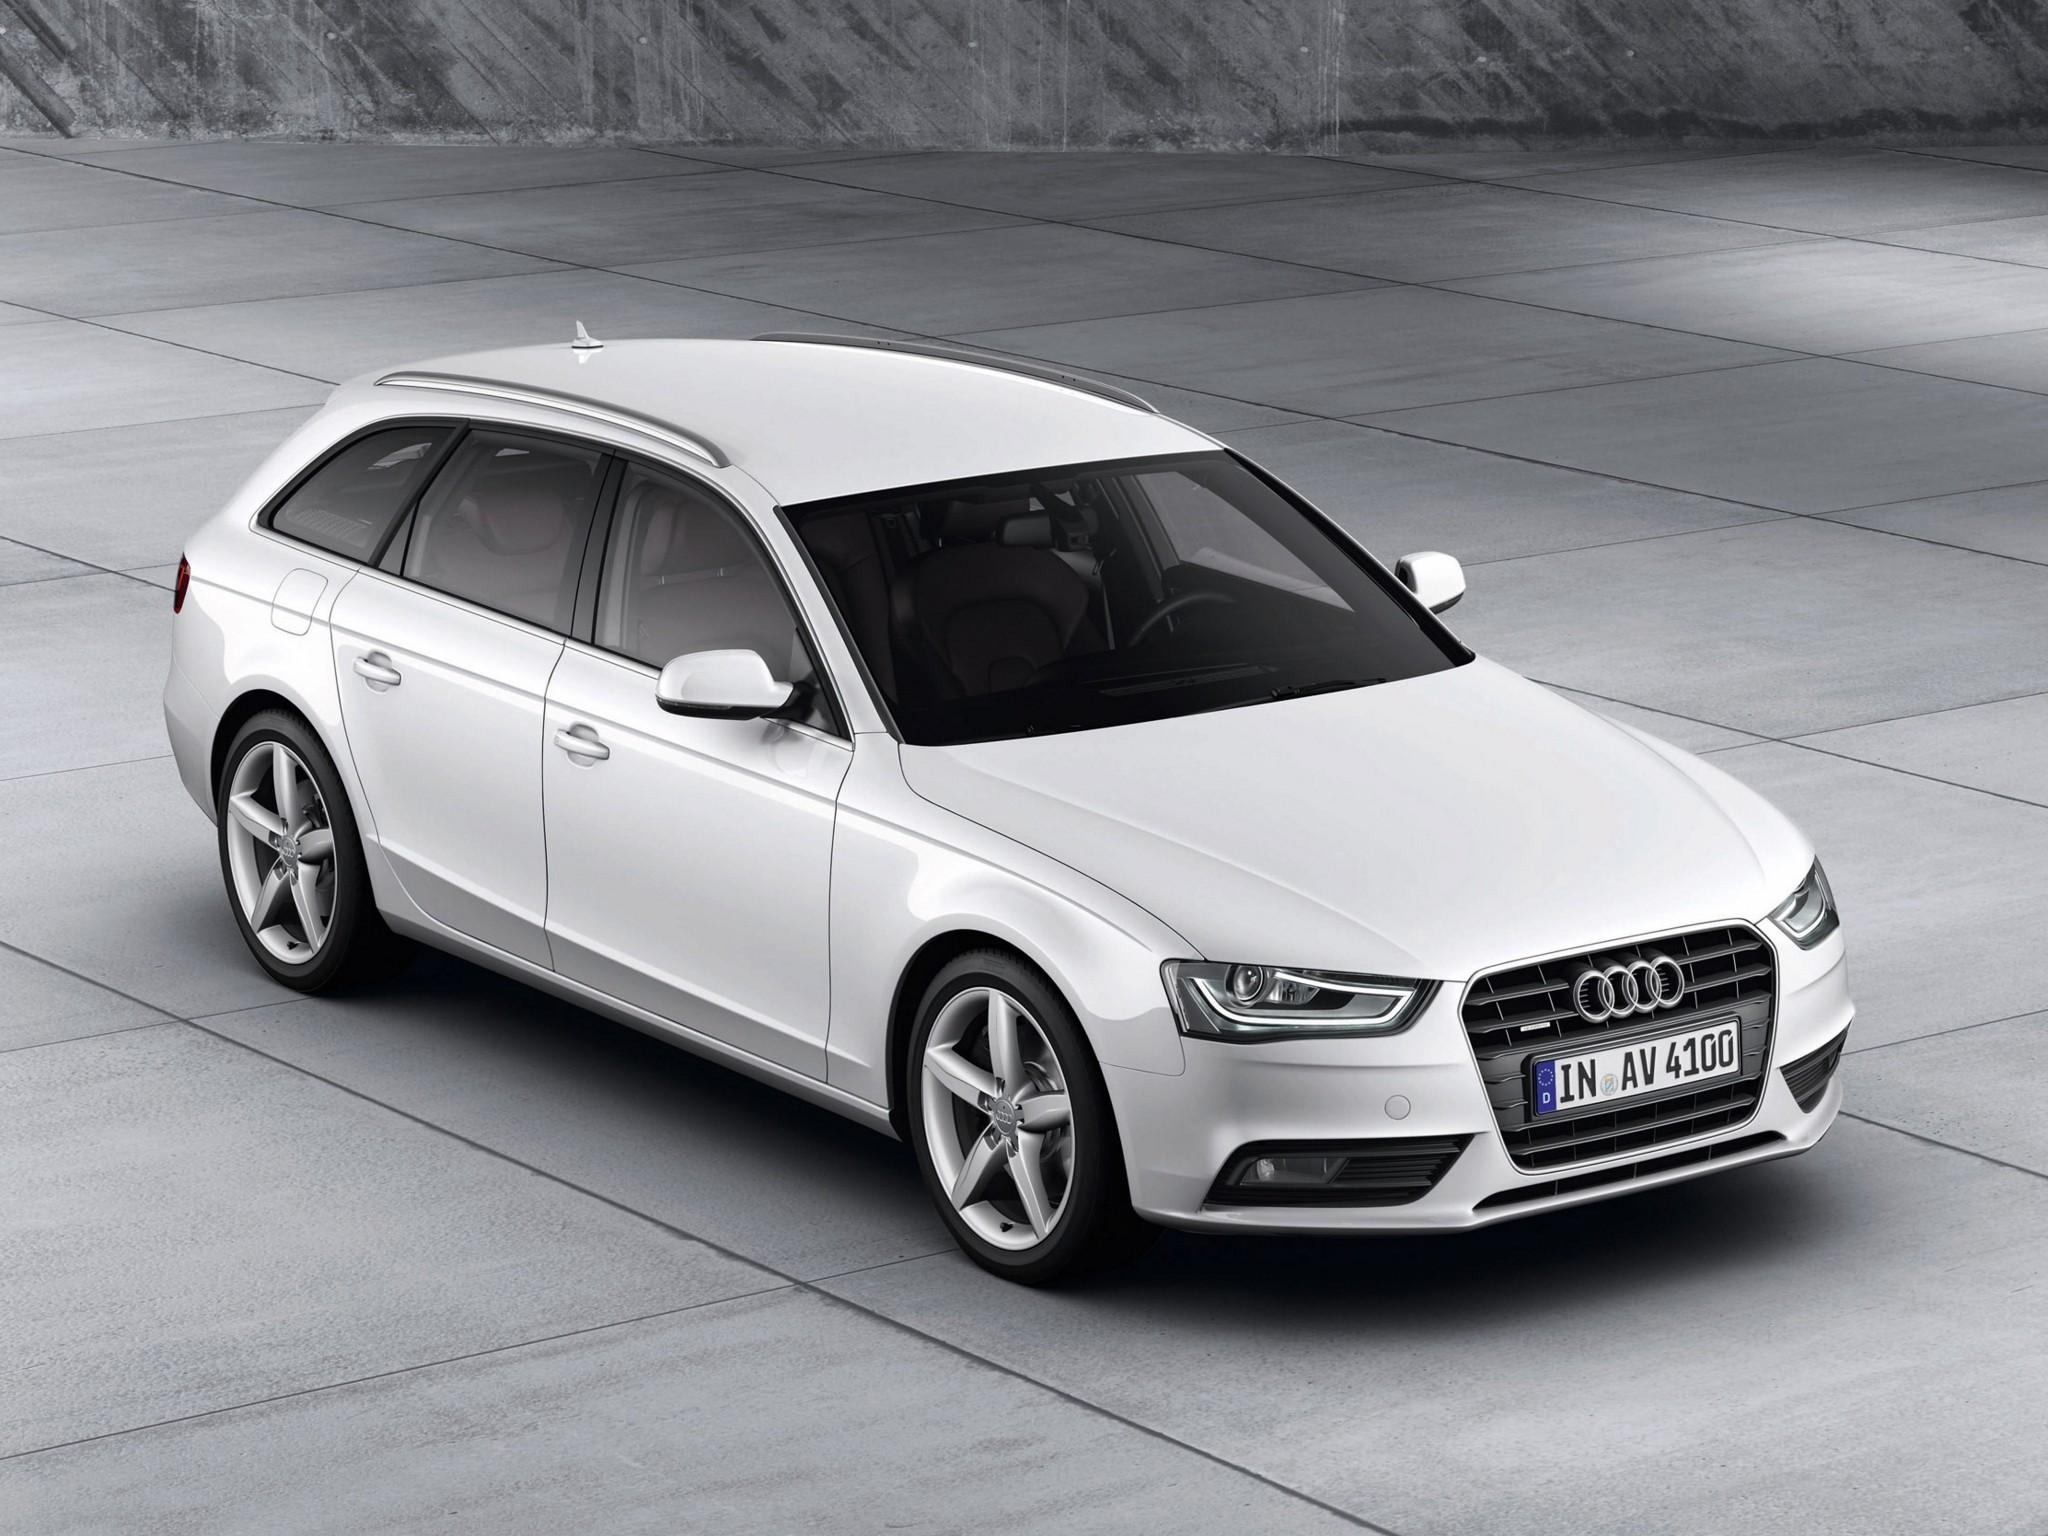 Audi A4 Avant Specs Photos 2012 2013 2014 2015 2016